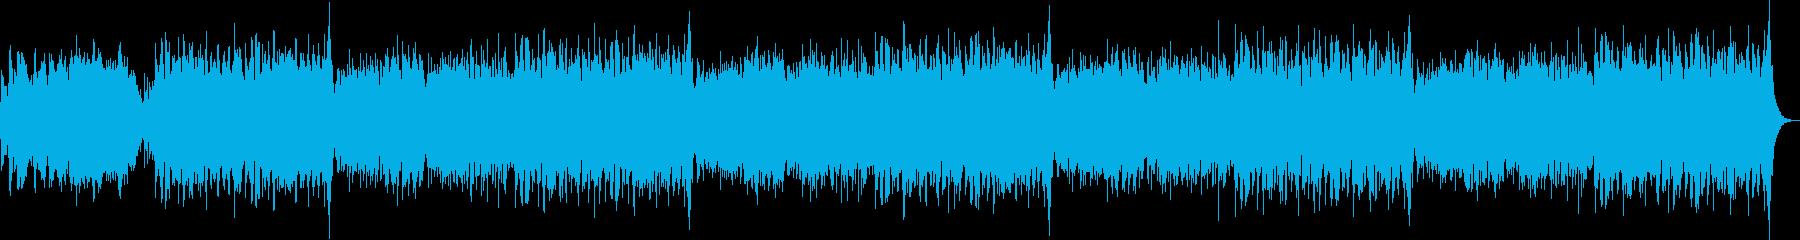 ドンキホーテのキトリ和風アレンジの再生済みの波形